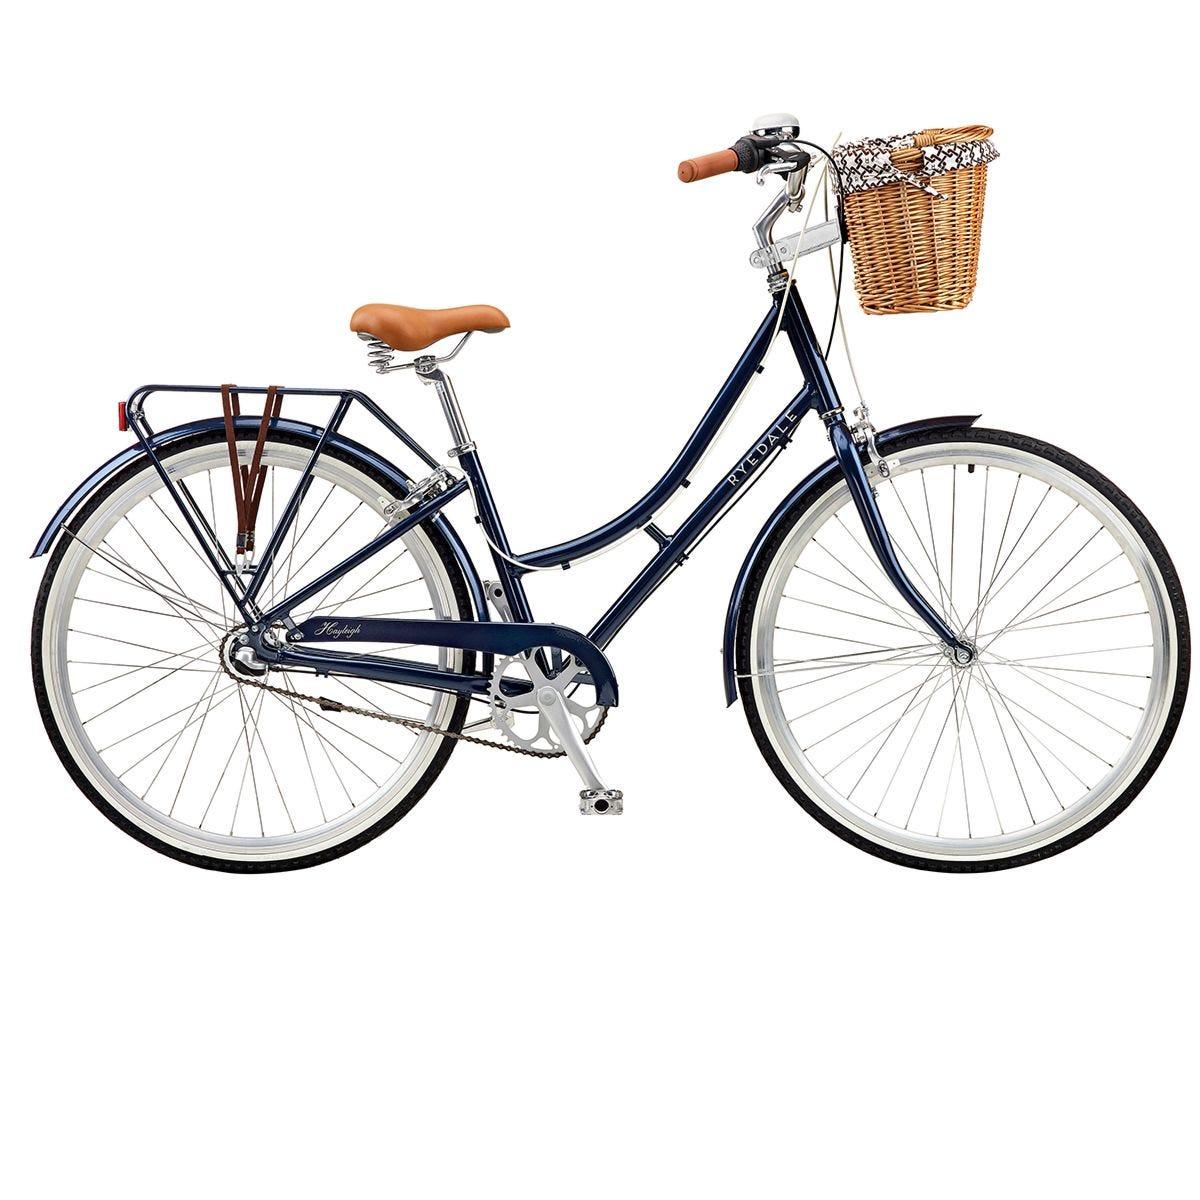 Ryedale Hayleigh 700c 3 Speed Ladies Heritage Bike - Navy